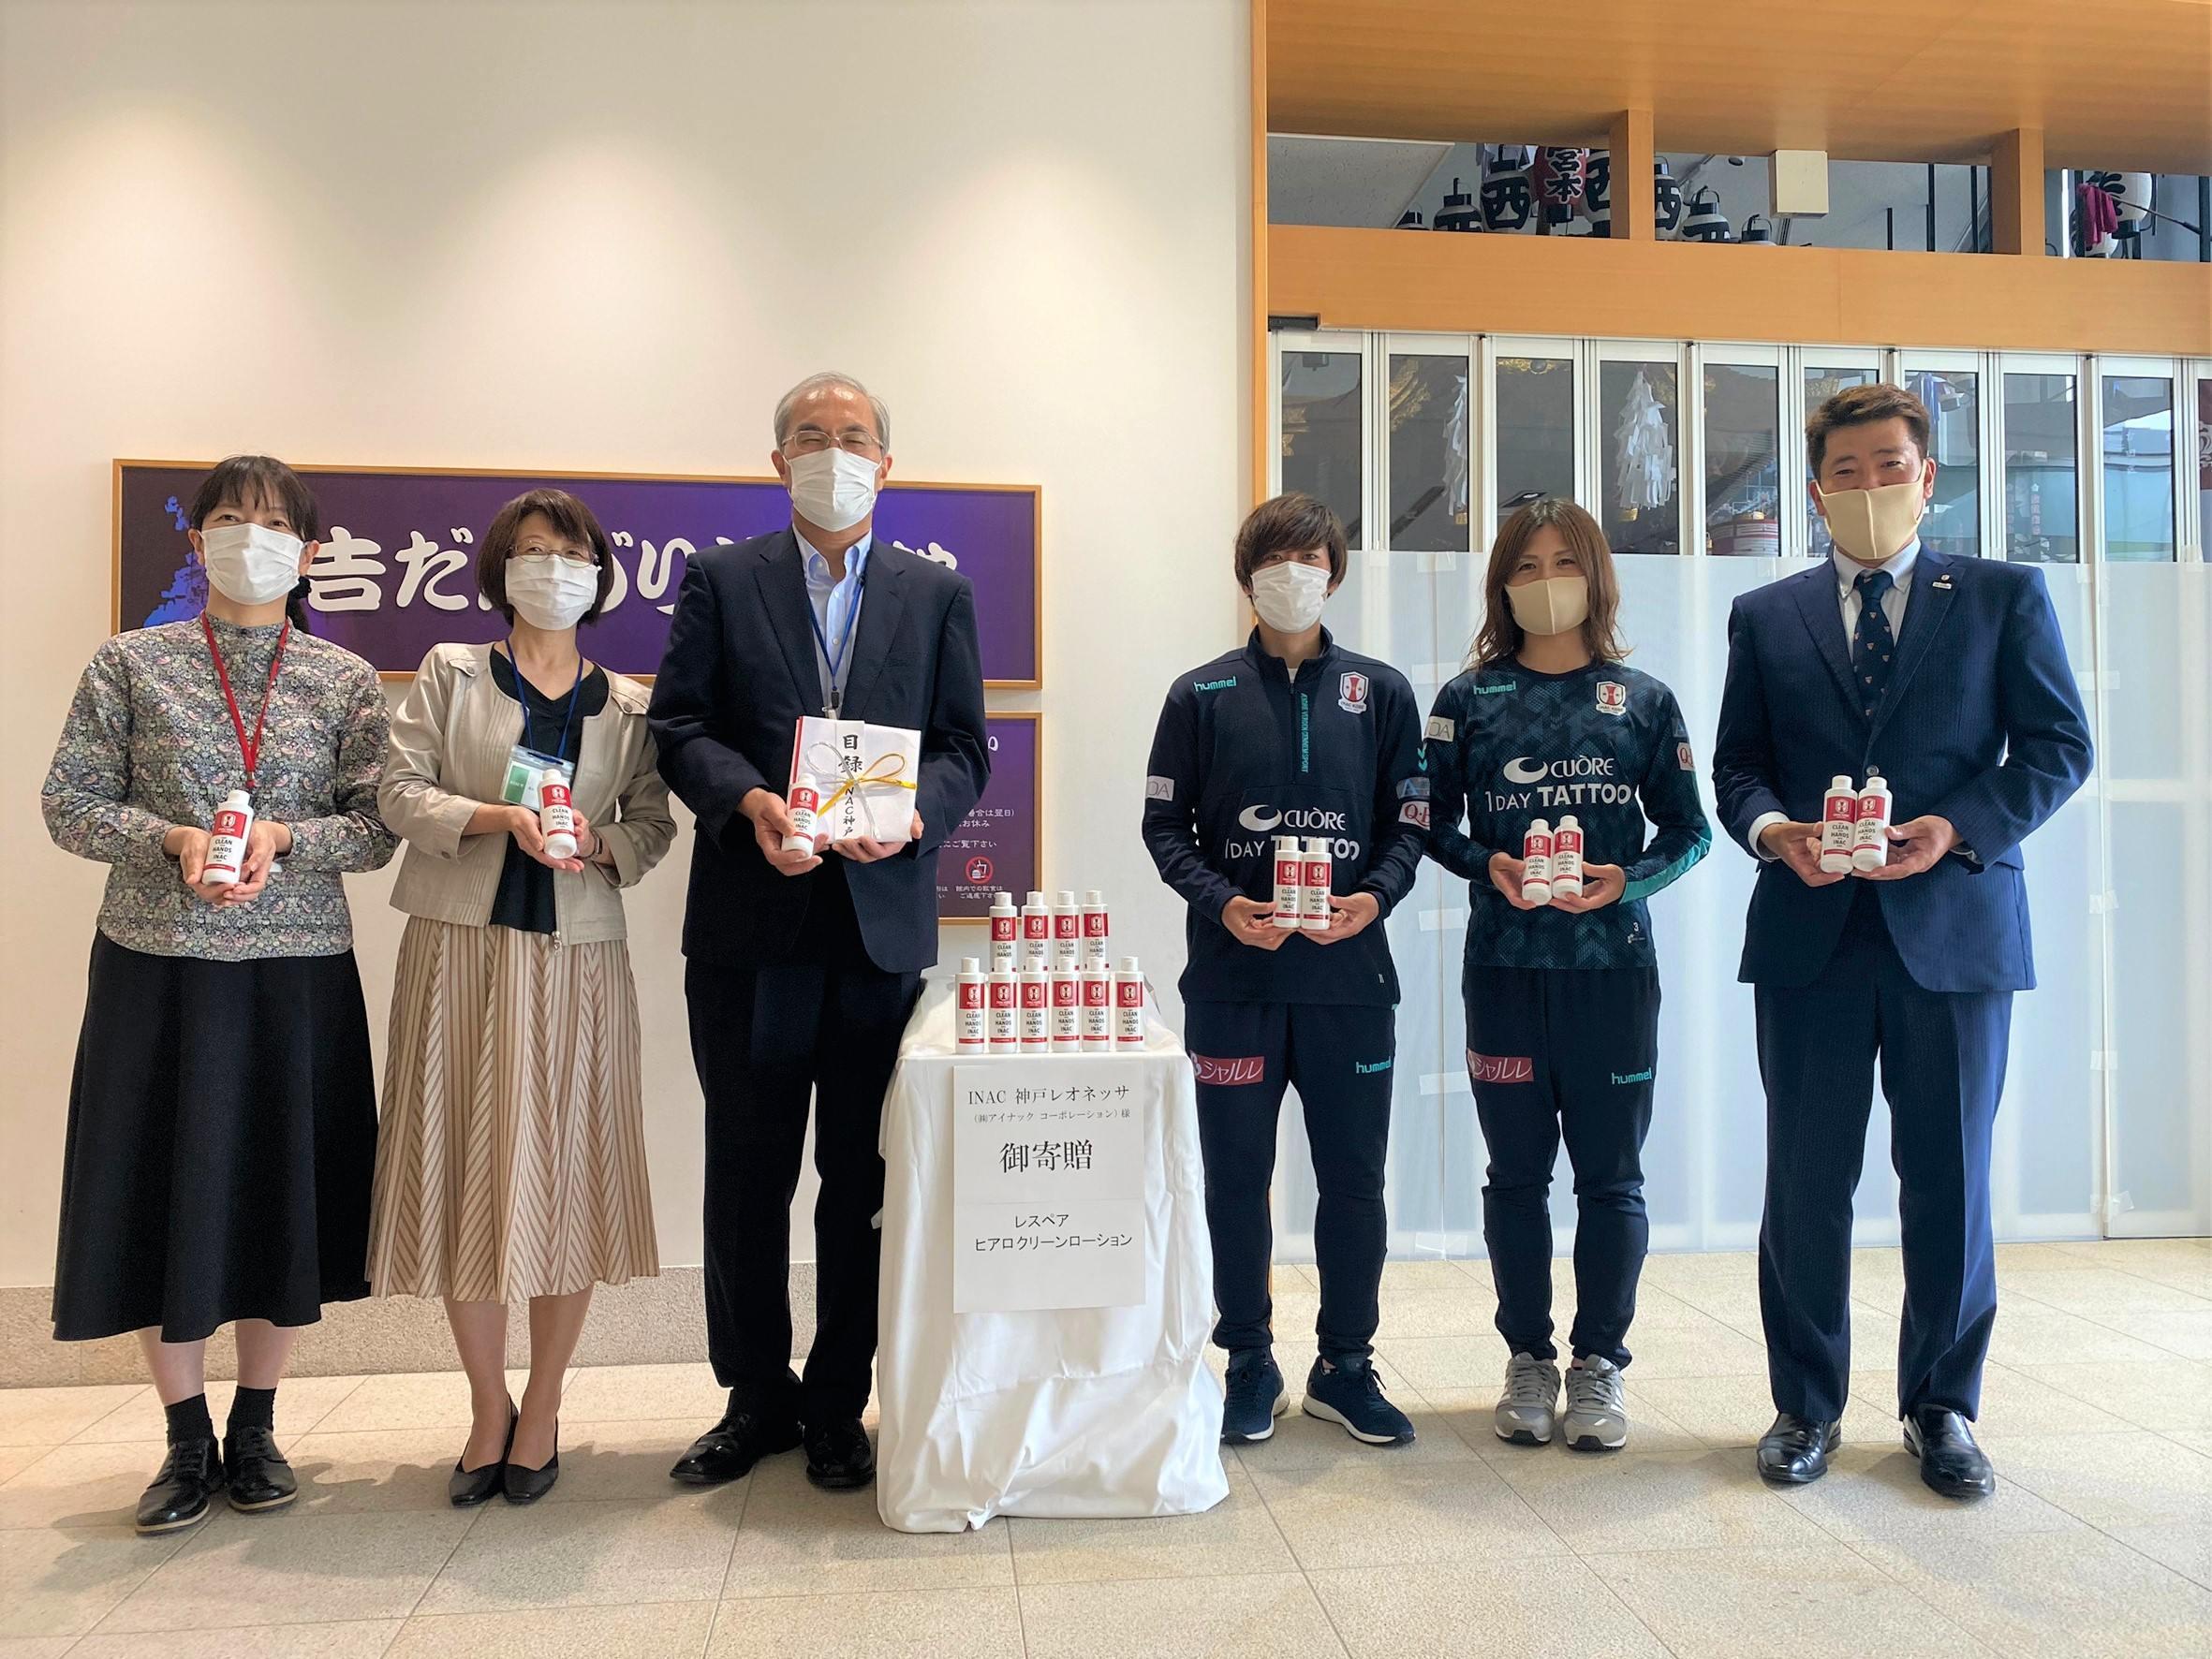 神戸市内の文化・スポーツ施設へ「ヒアロクリーンローション」寄贈のお知らせ